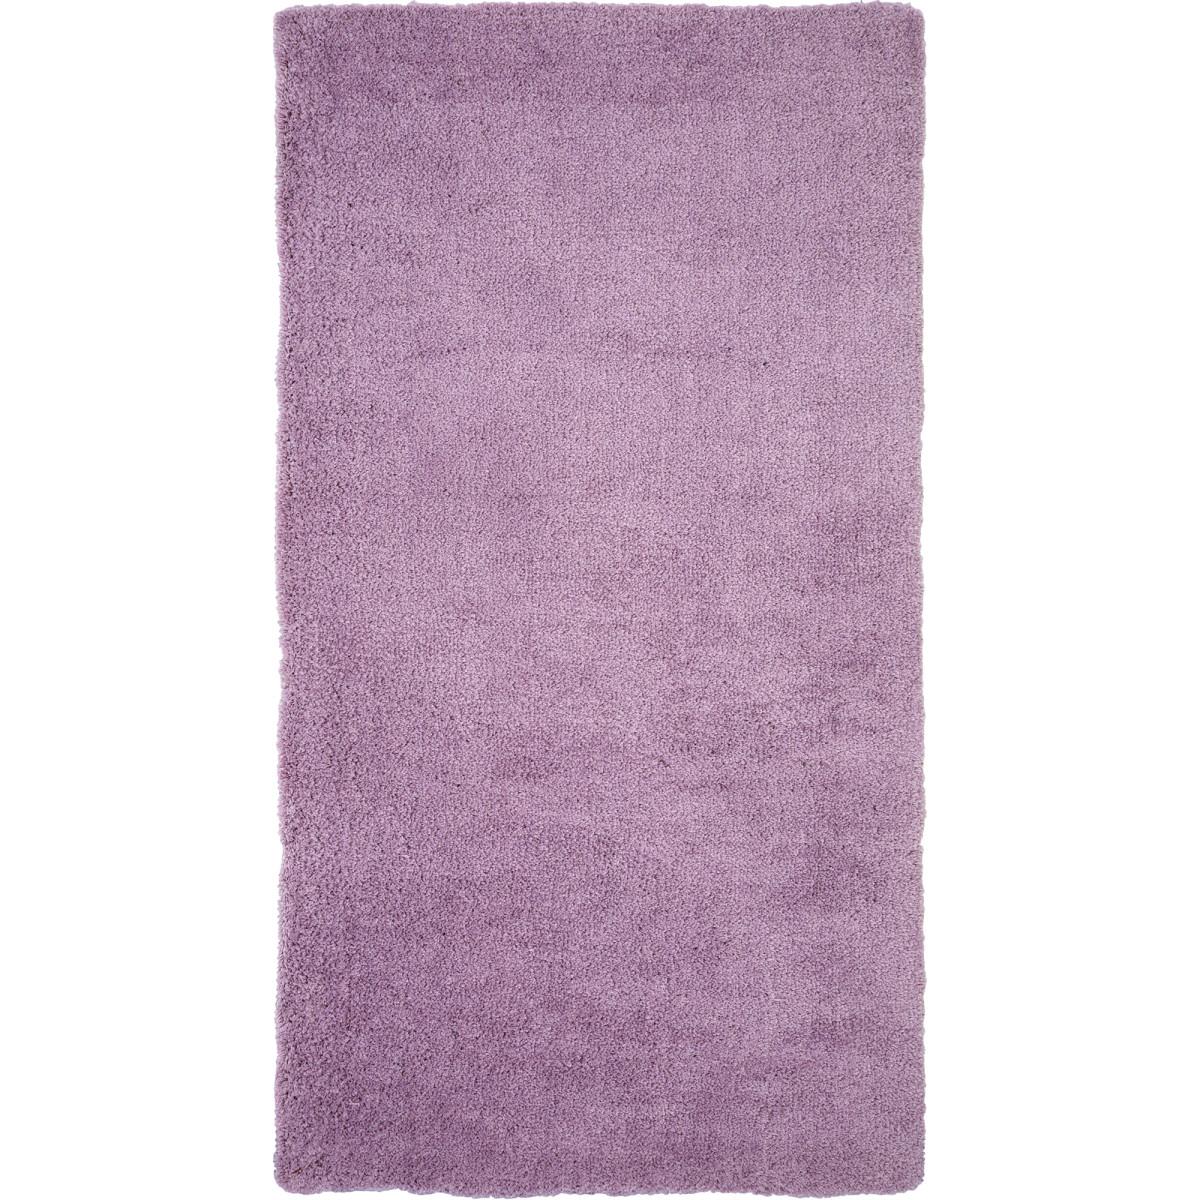 Ковер Лаванда 0.8x1.5 м цвет фиолетовый